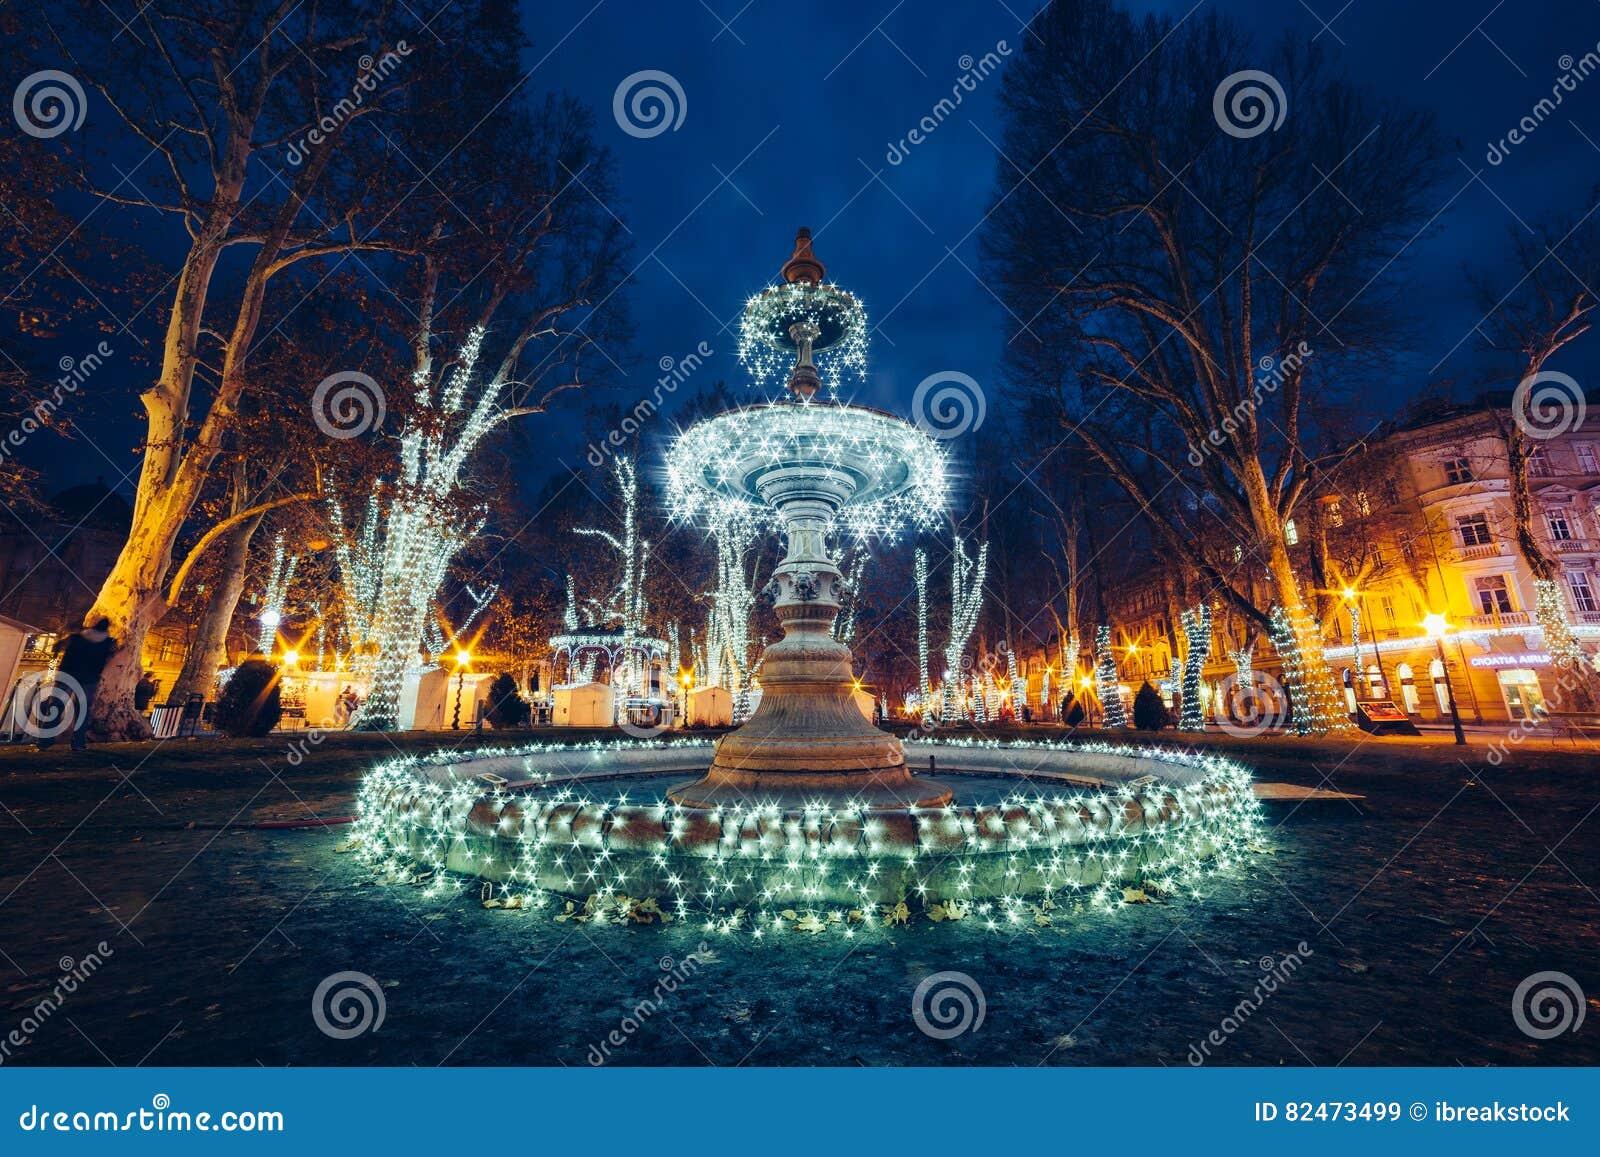 Weihnachten In Kroatien.Belichteter Brunnen Auf Zrinjevac Zagreb Kroatien Weihnachten M